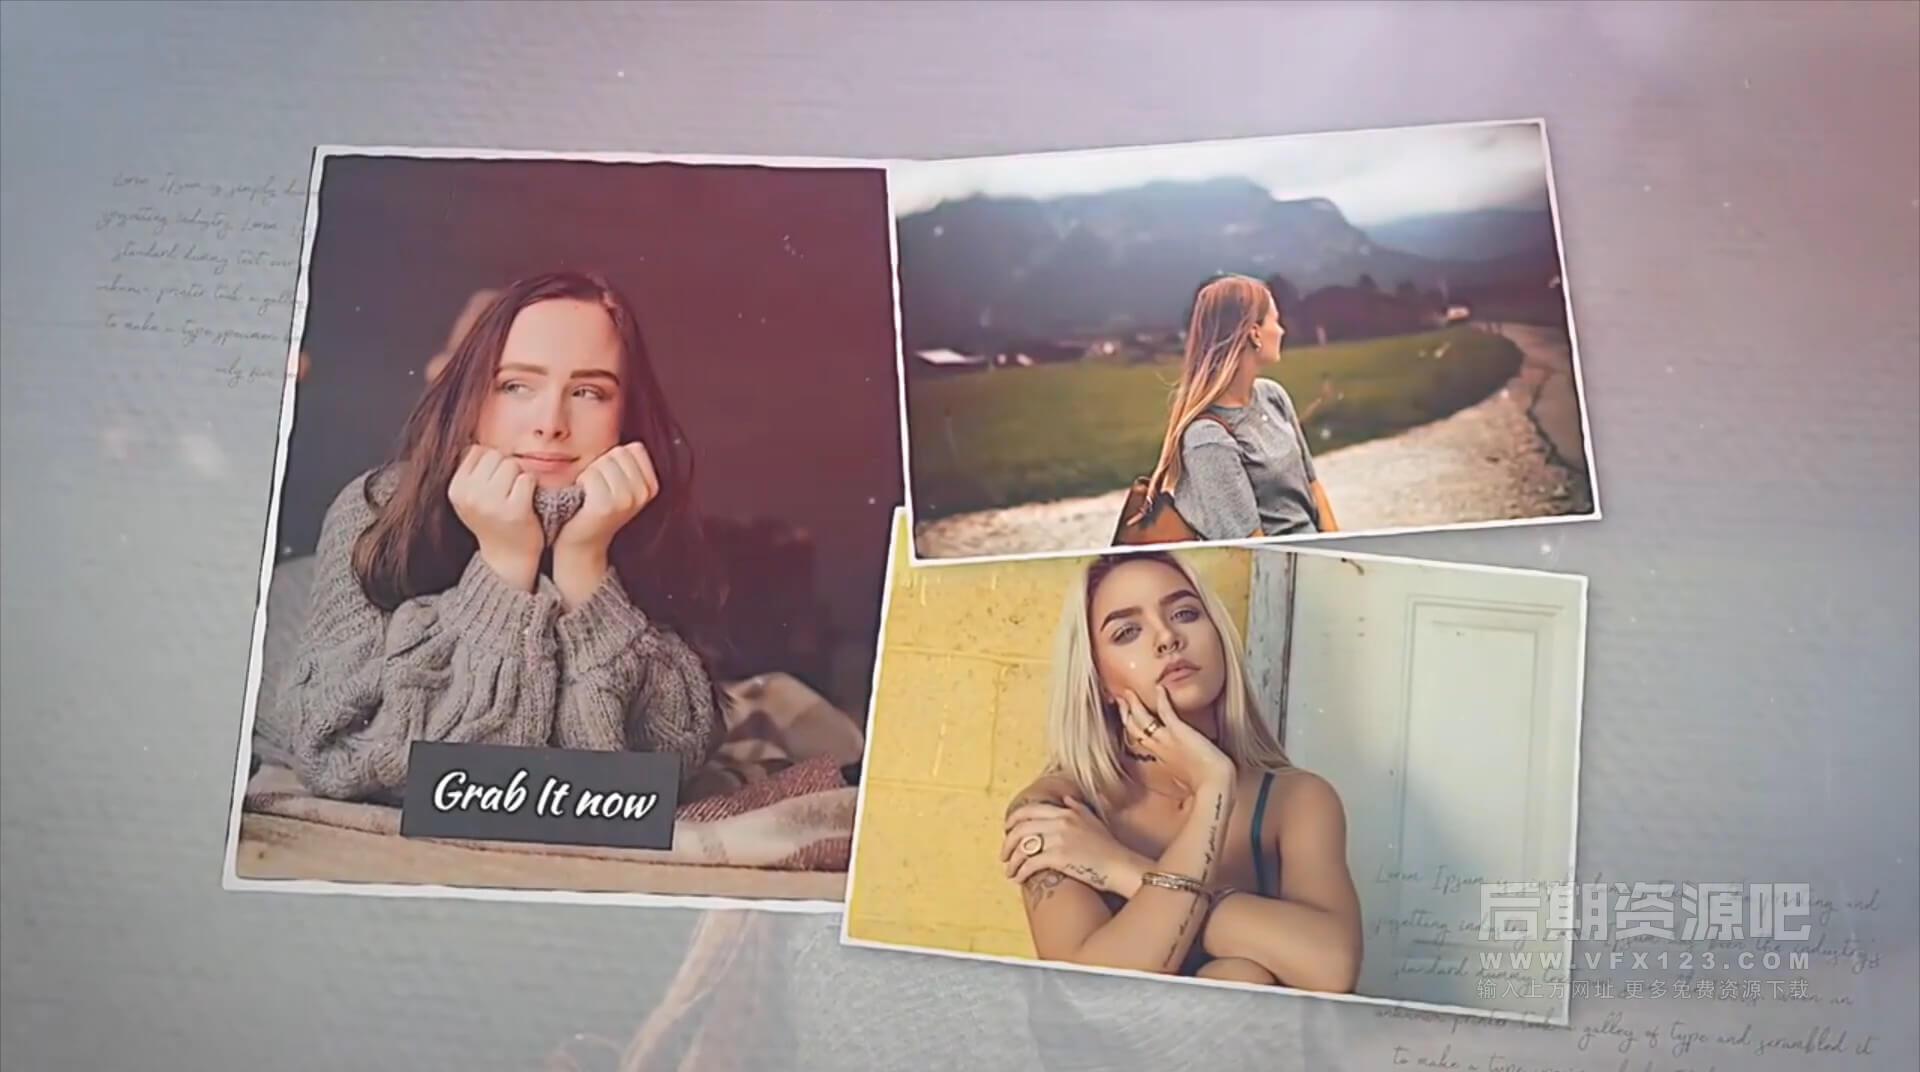 fcpx主题模板 浪漫回忆旅行纪念婚礼MV相册模板 Lovely Gallery